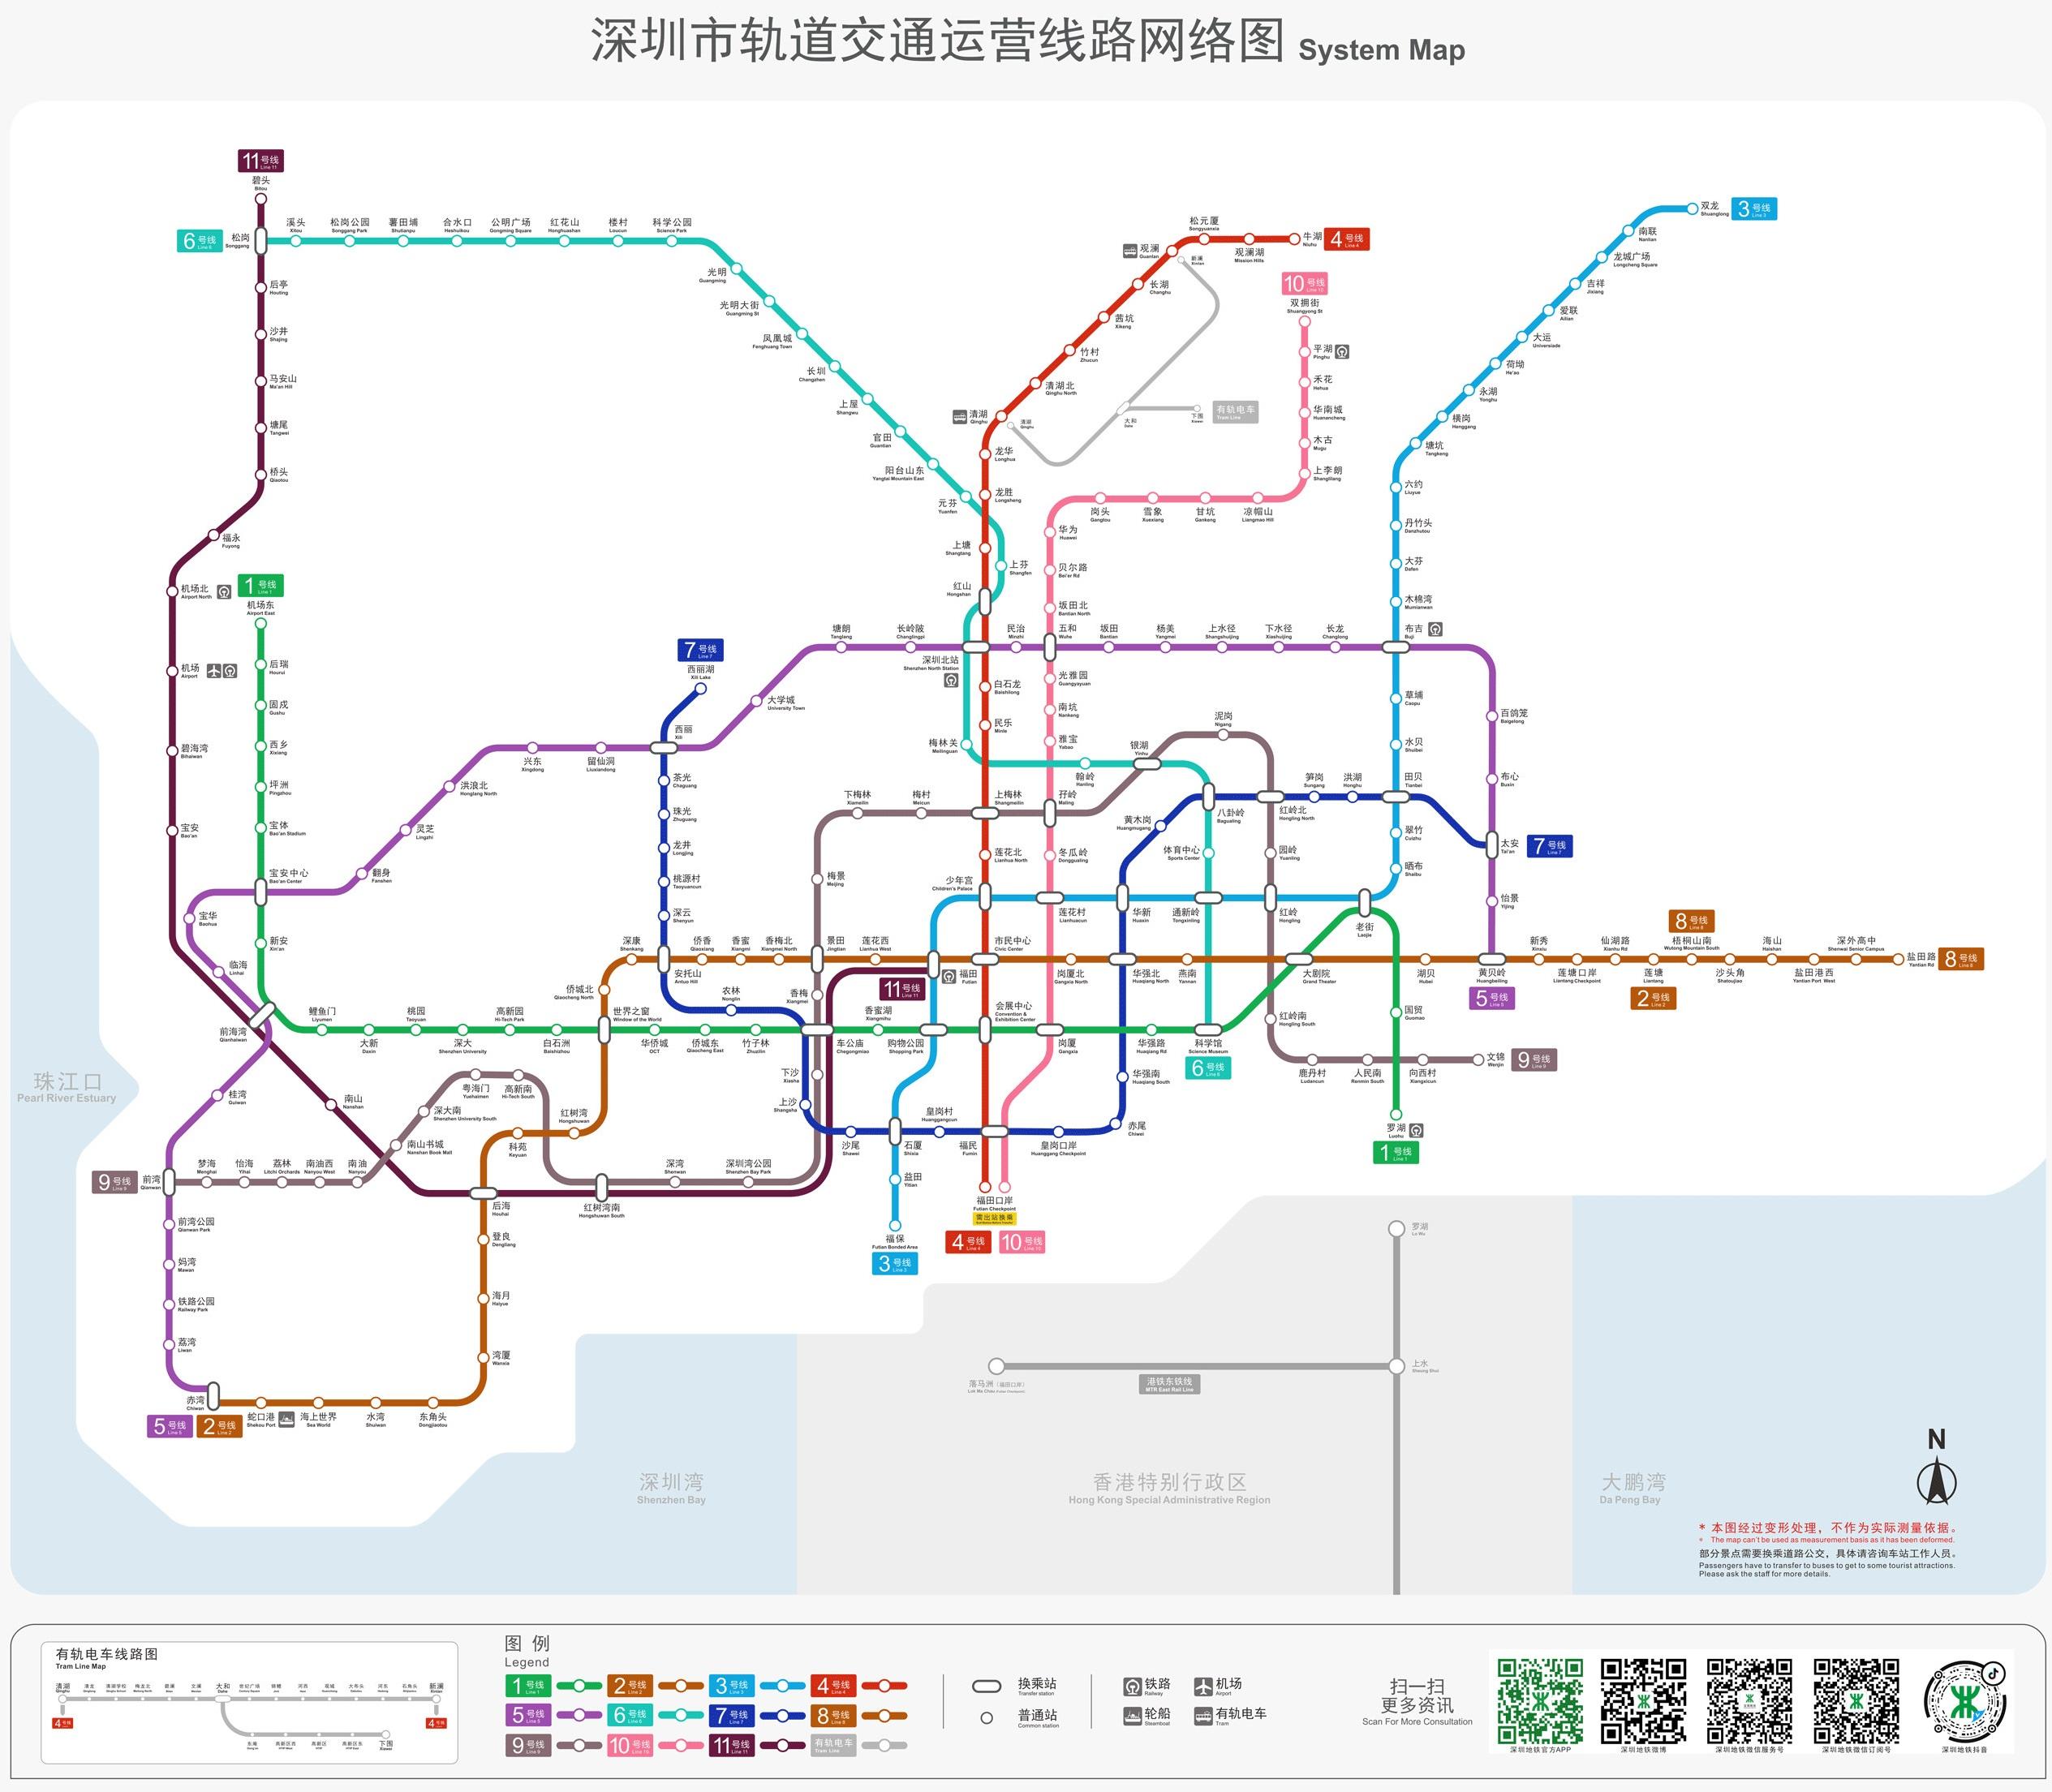 深圳市轨道交通运营线路网络图正式发布(2020版高清)  深圳 第1张